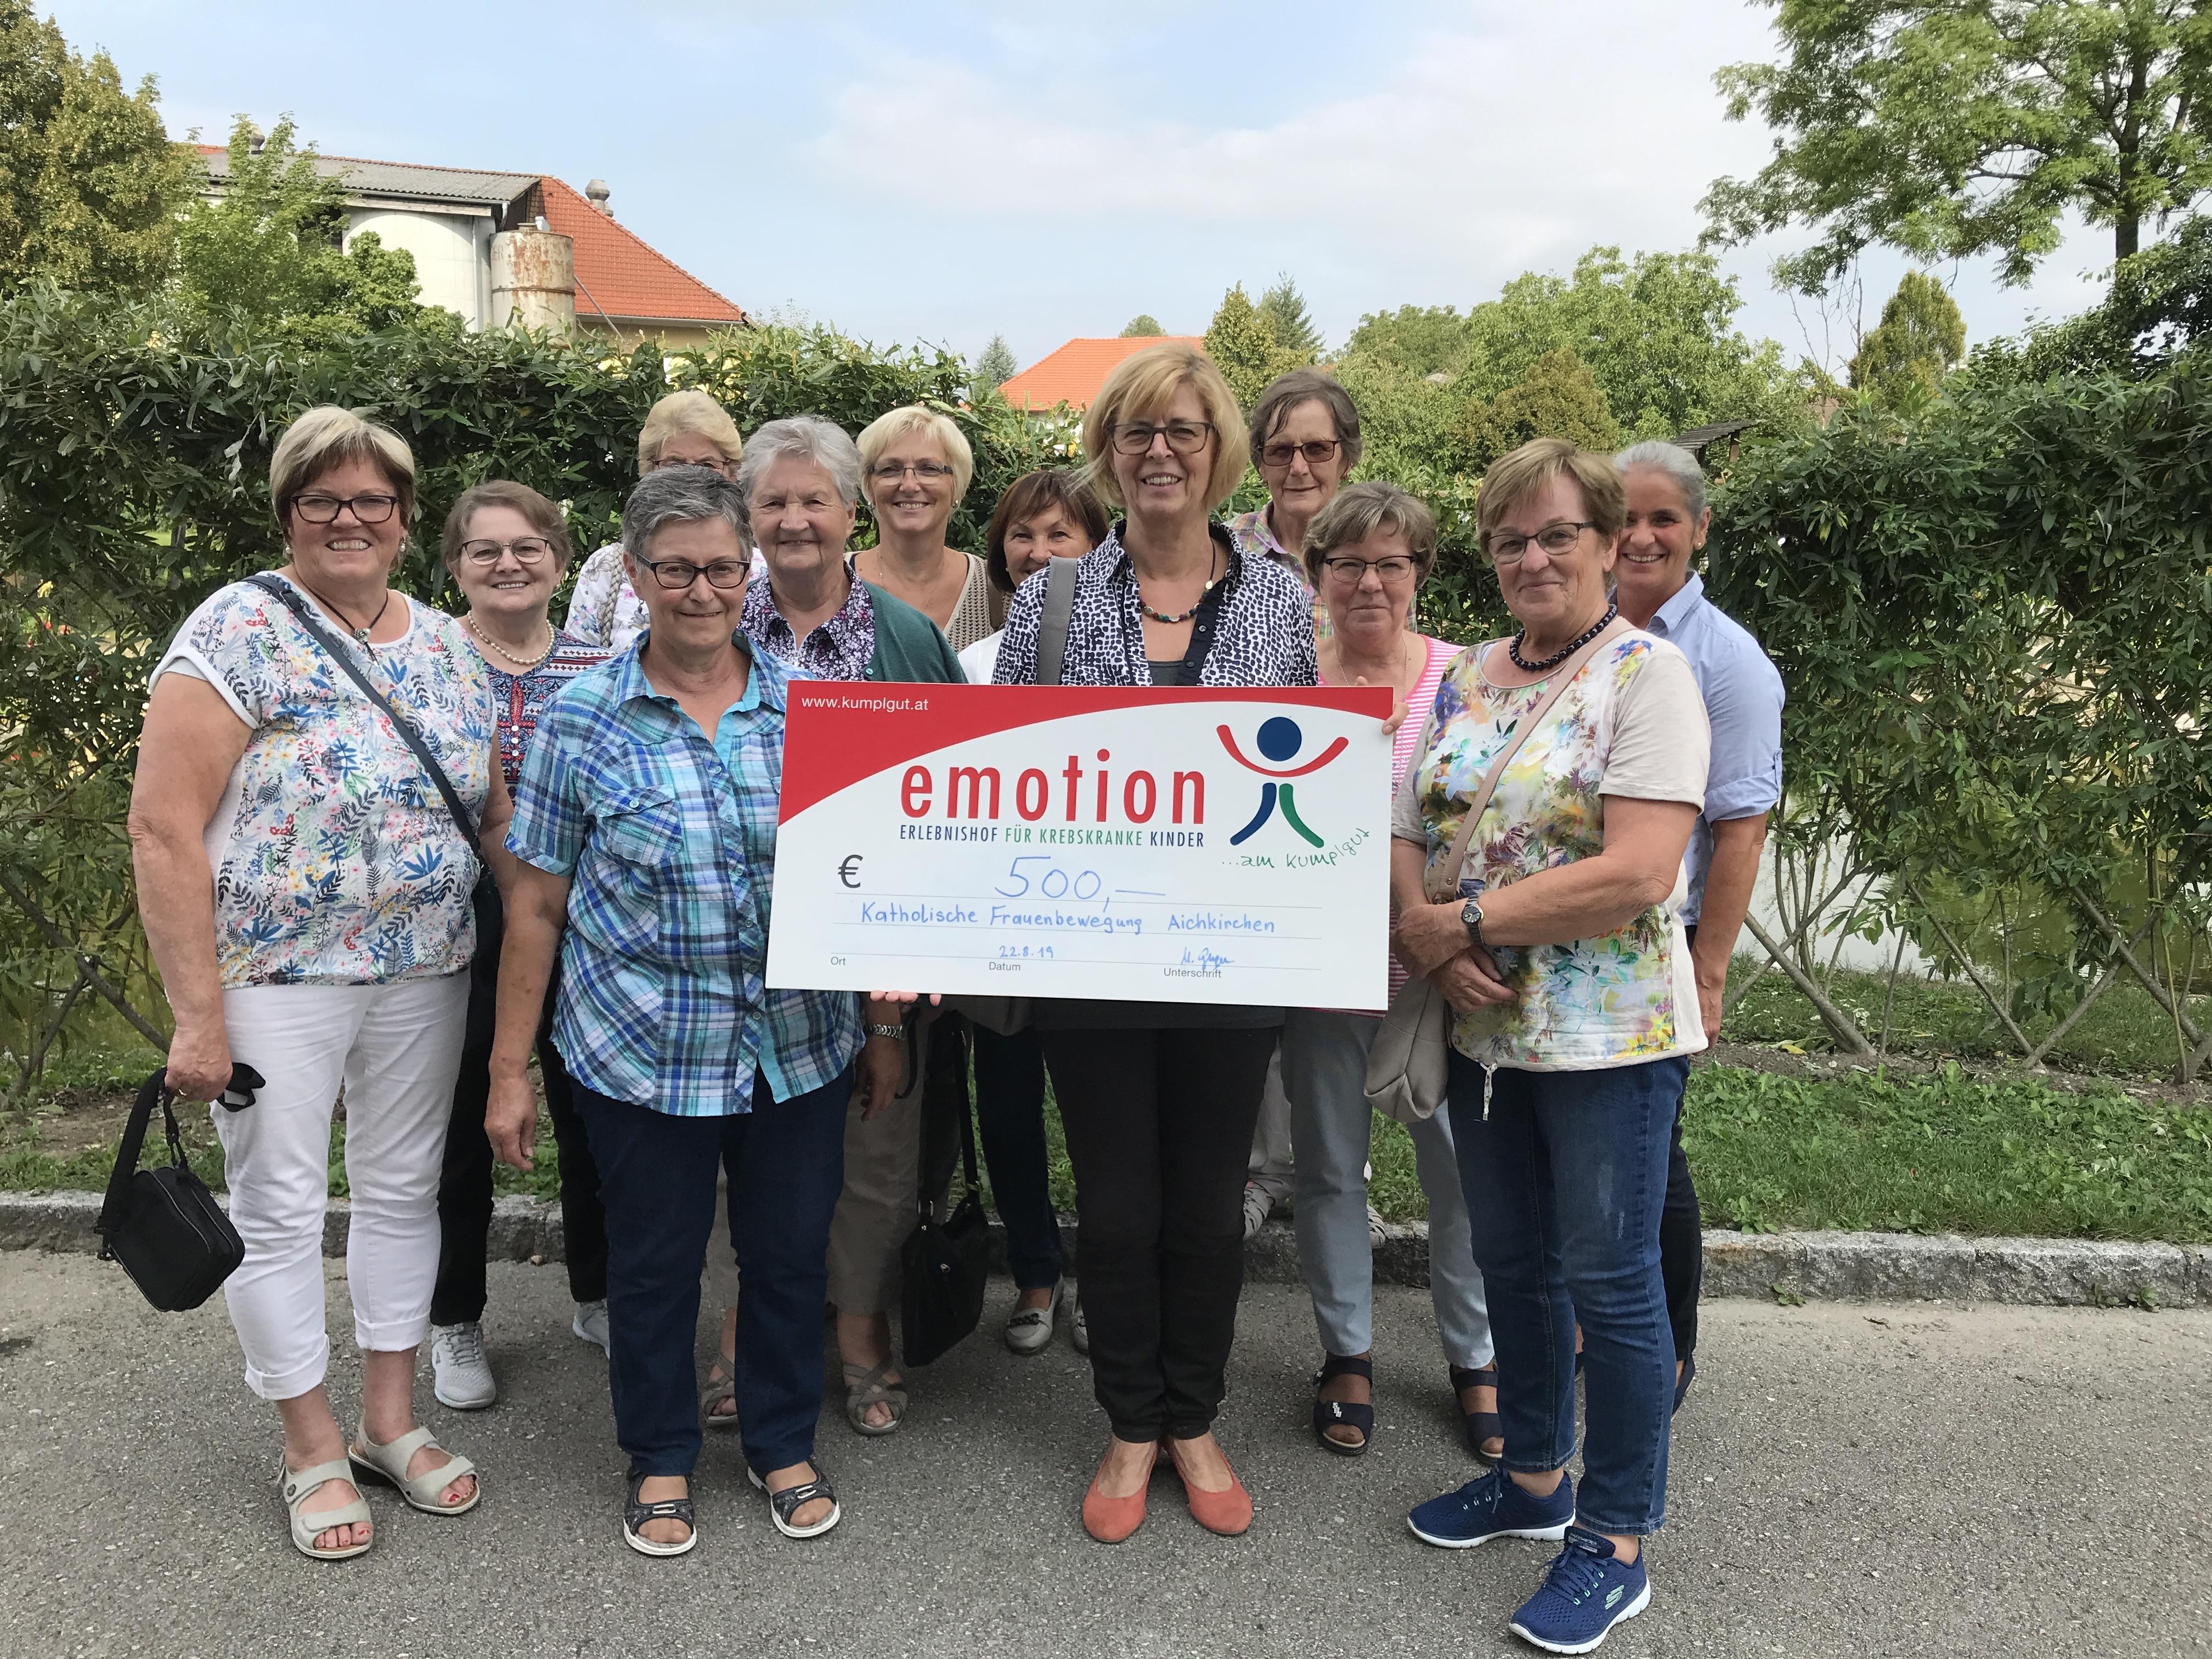 Katholische Frauenbewegung Aichkirchen unterstützt unser Projekt